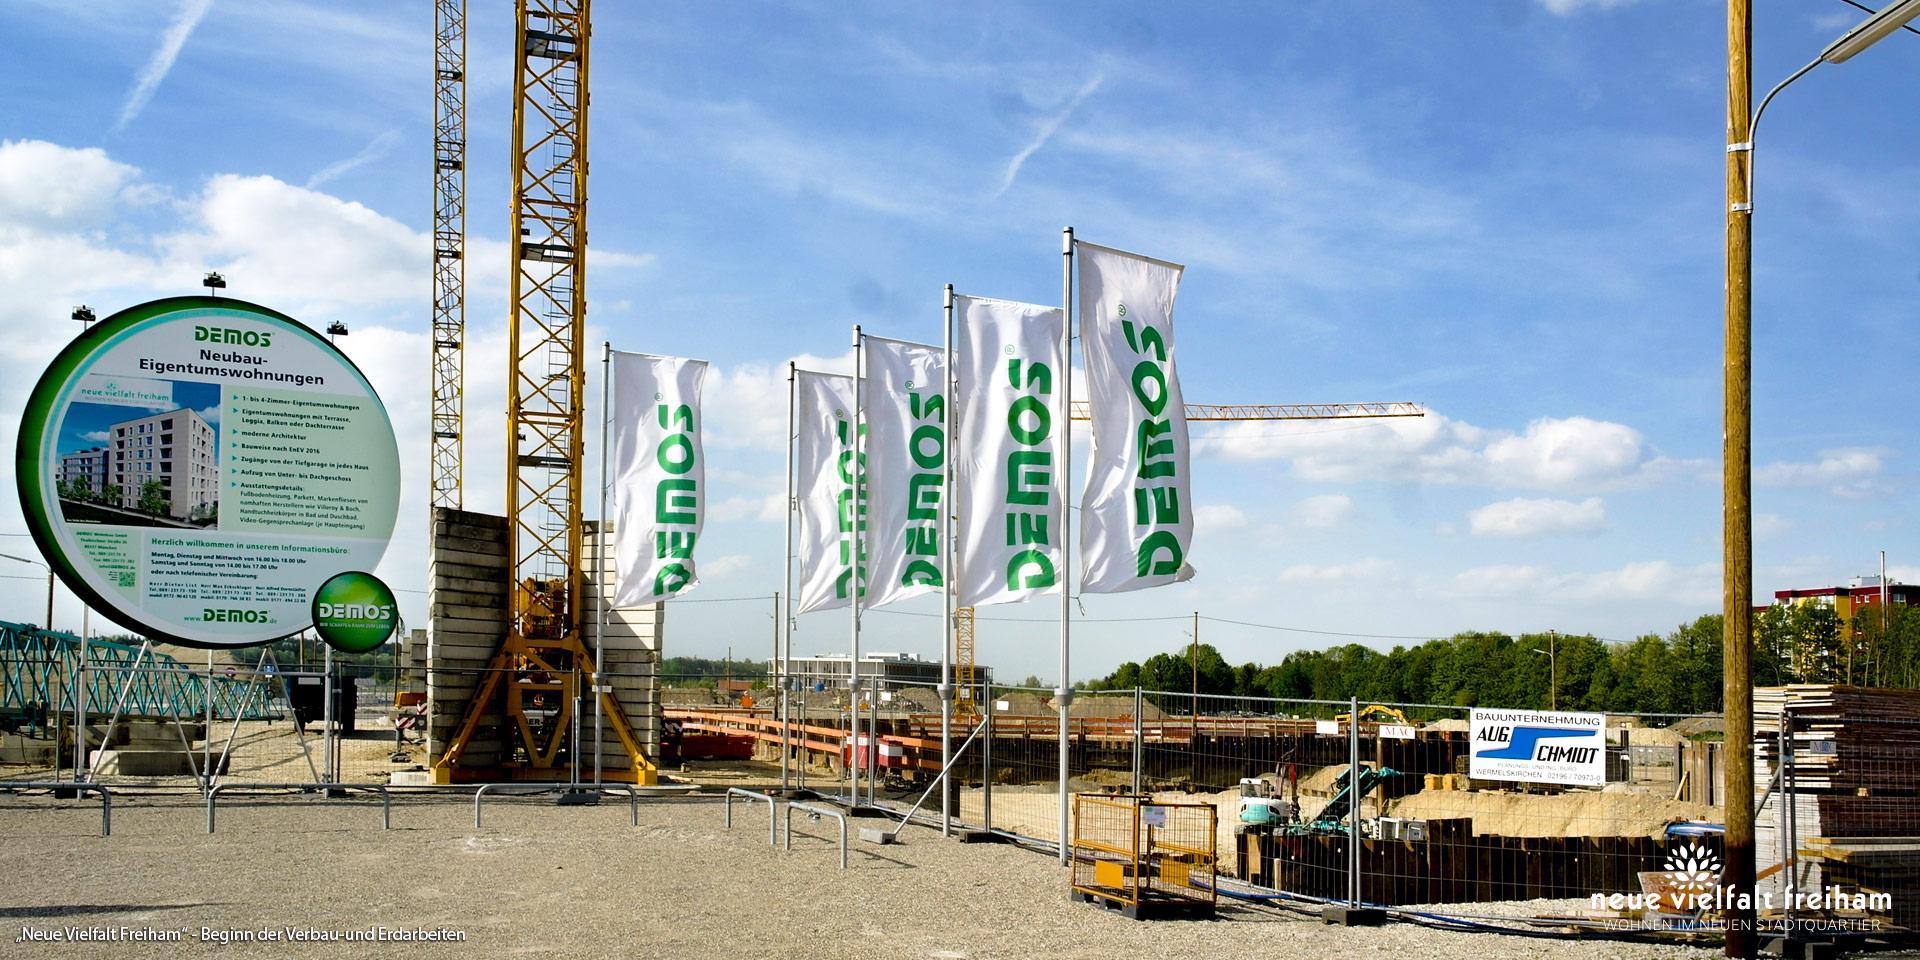 """""""Neue Vielfalt Freiham"""" in München-Freiham: Jetzt Beginn der Verbau- und Erdarbeiten"""